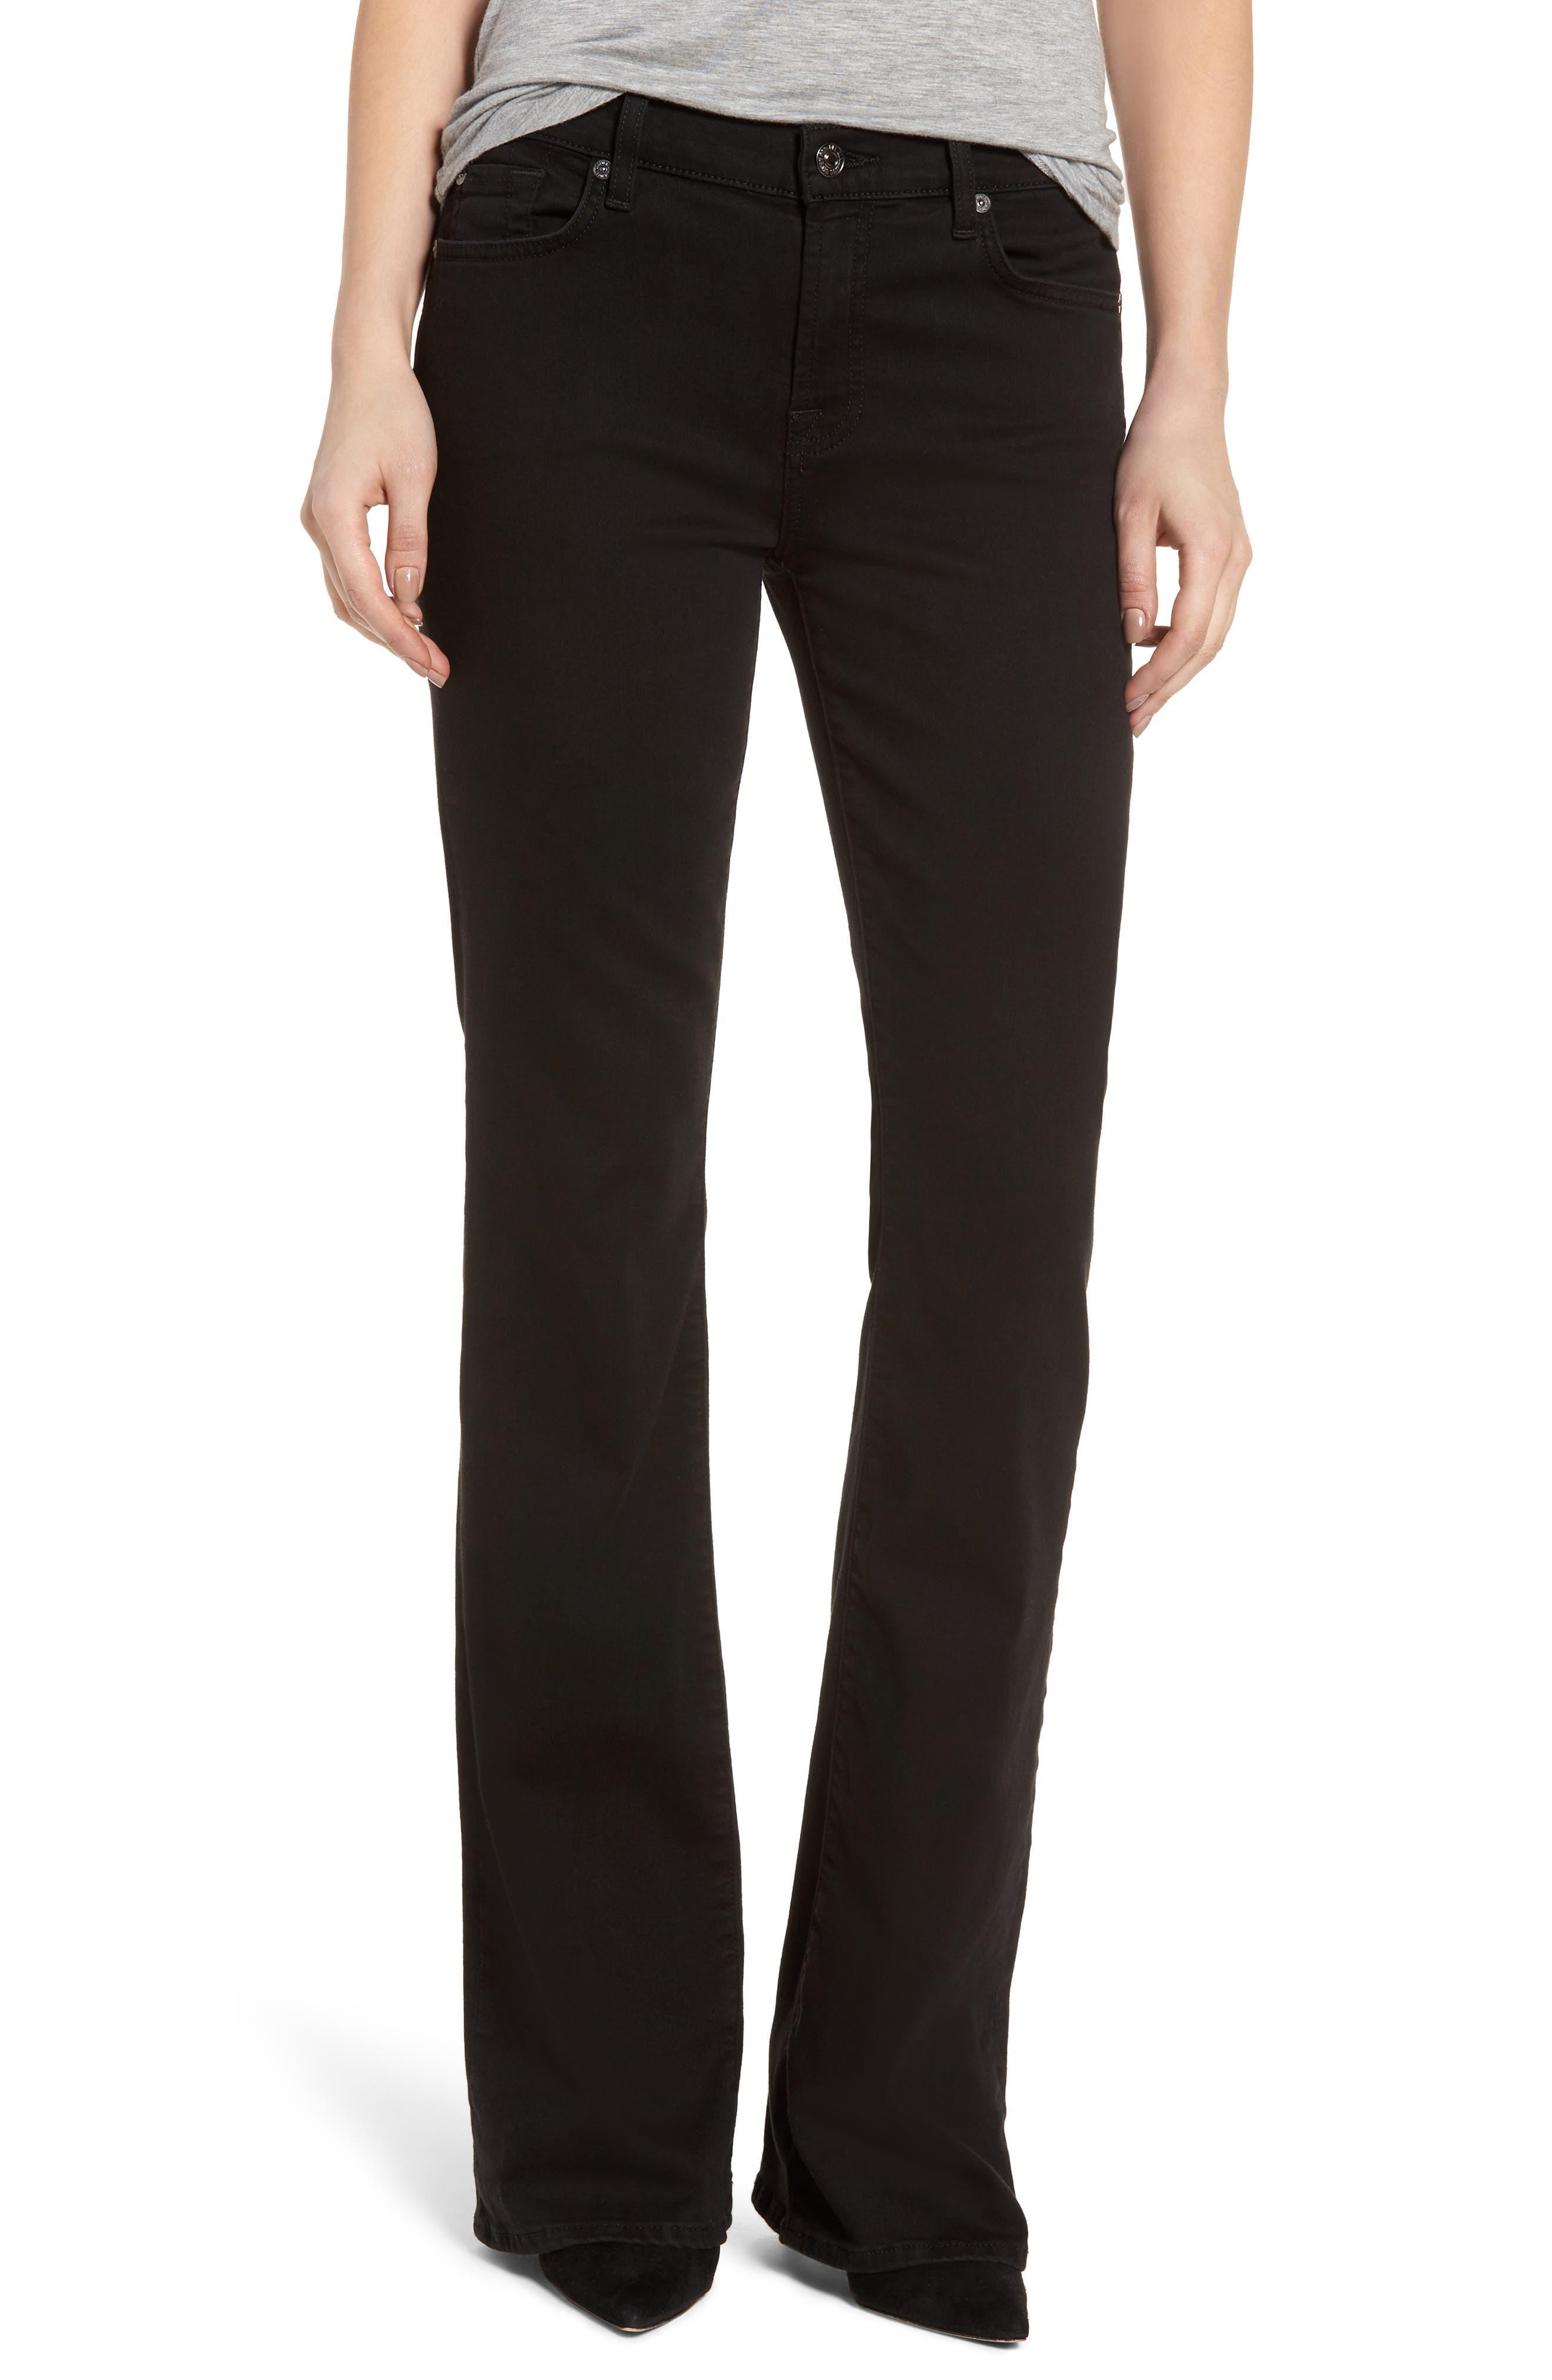 b(air) Bootcut Jeans,                         Main,                         color, B(Air) Black